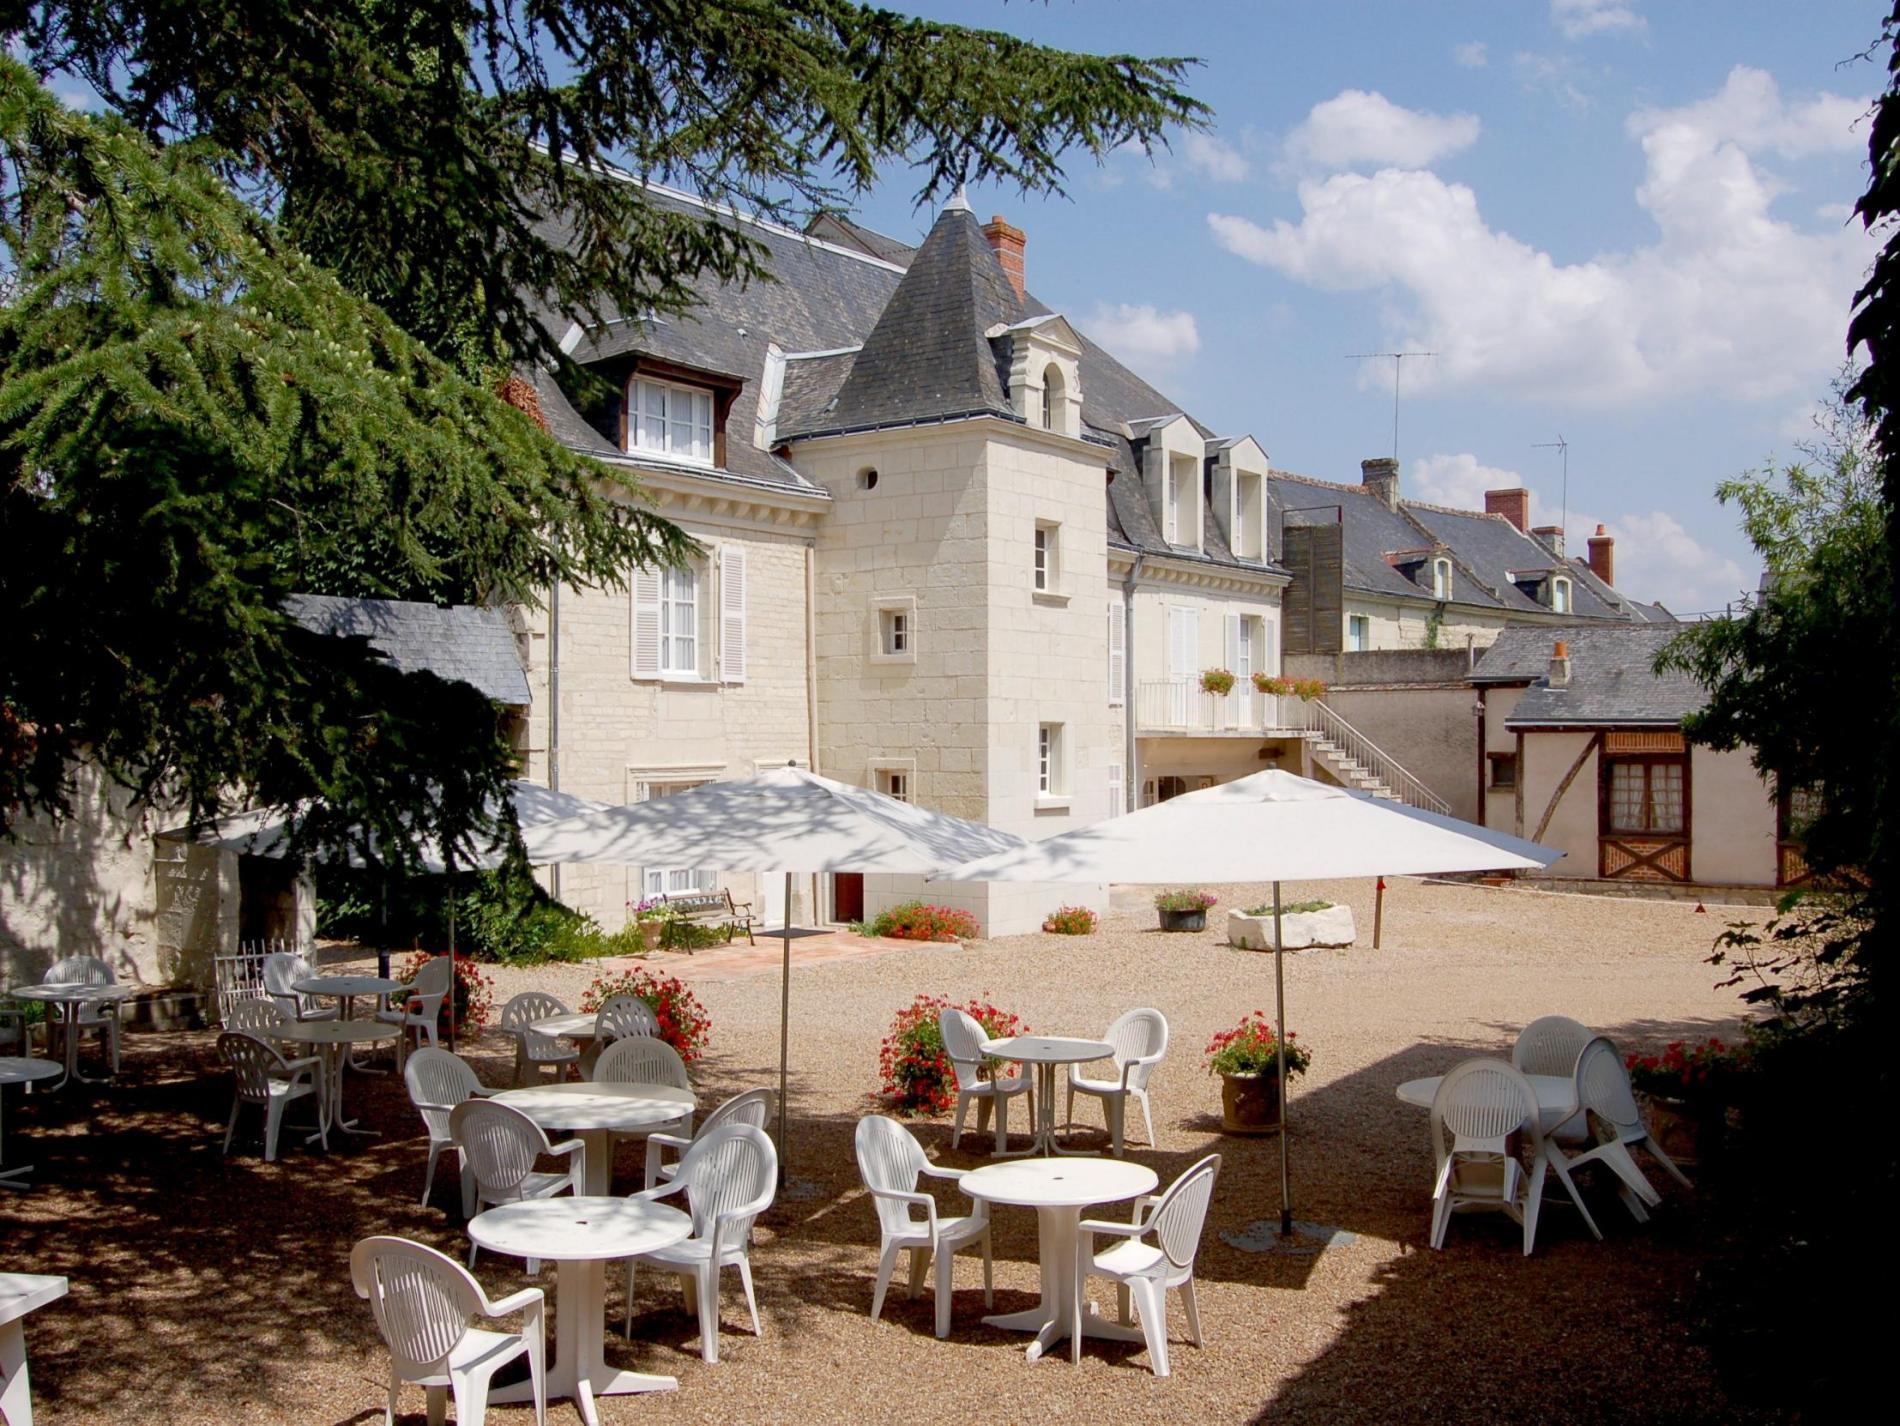 Manoir de la Giraudière - Hotel de charme entre Saumur et Chinon